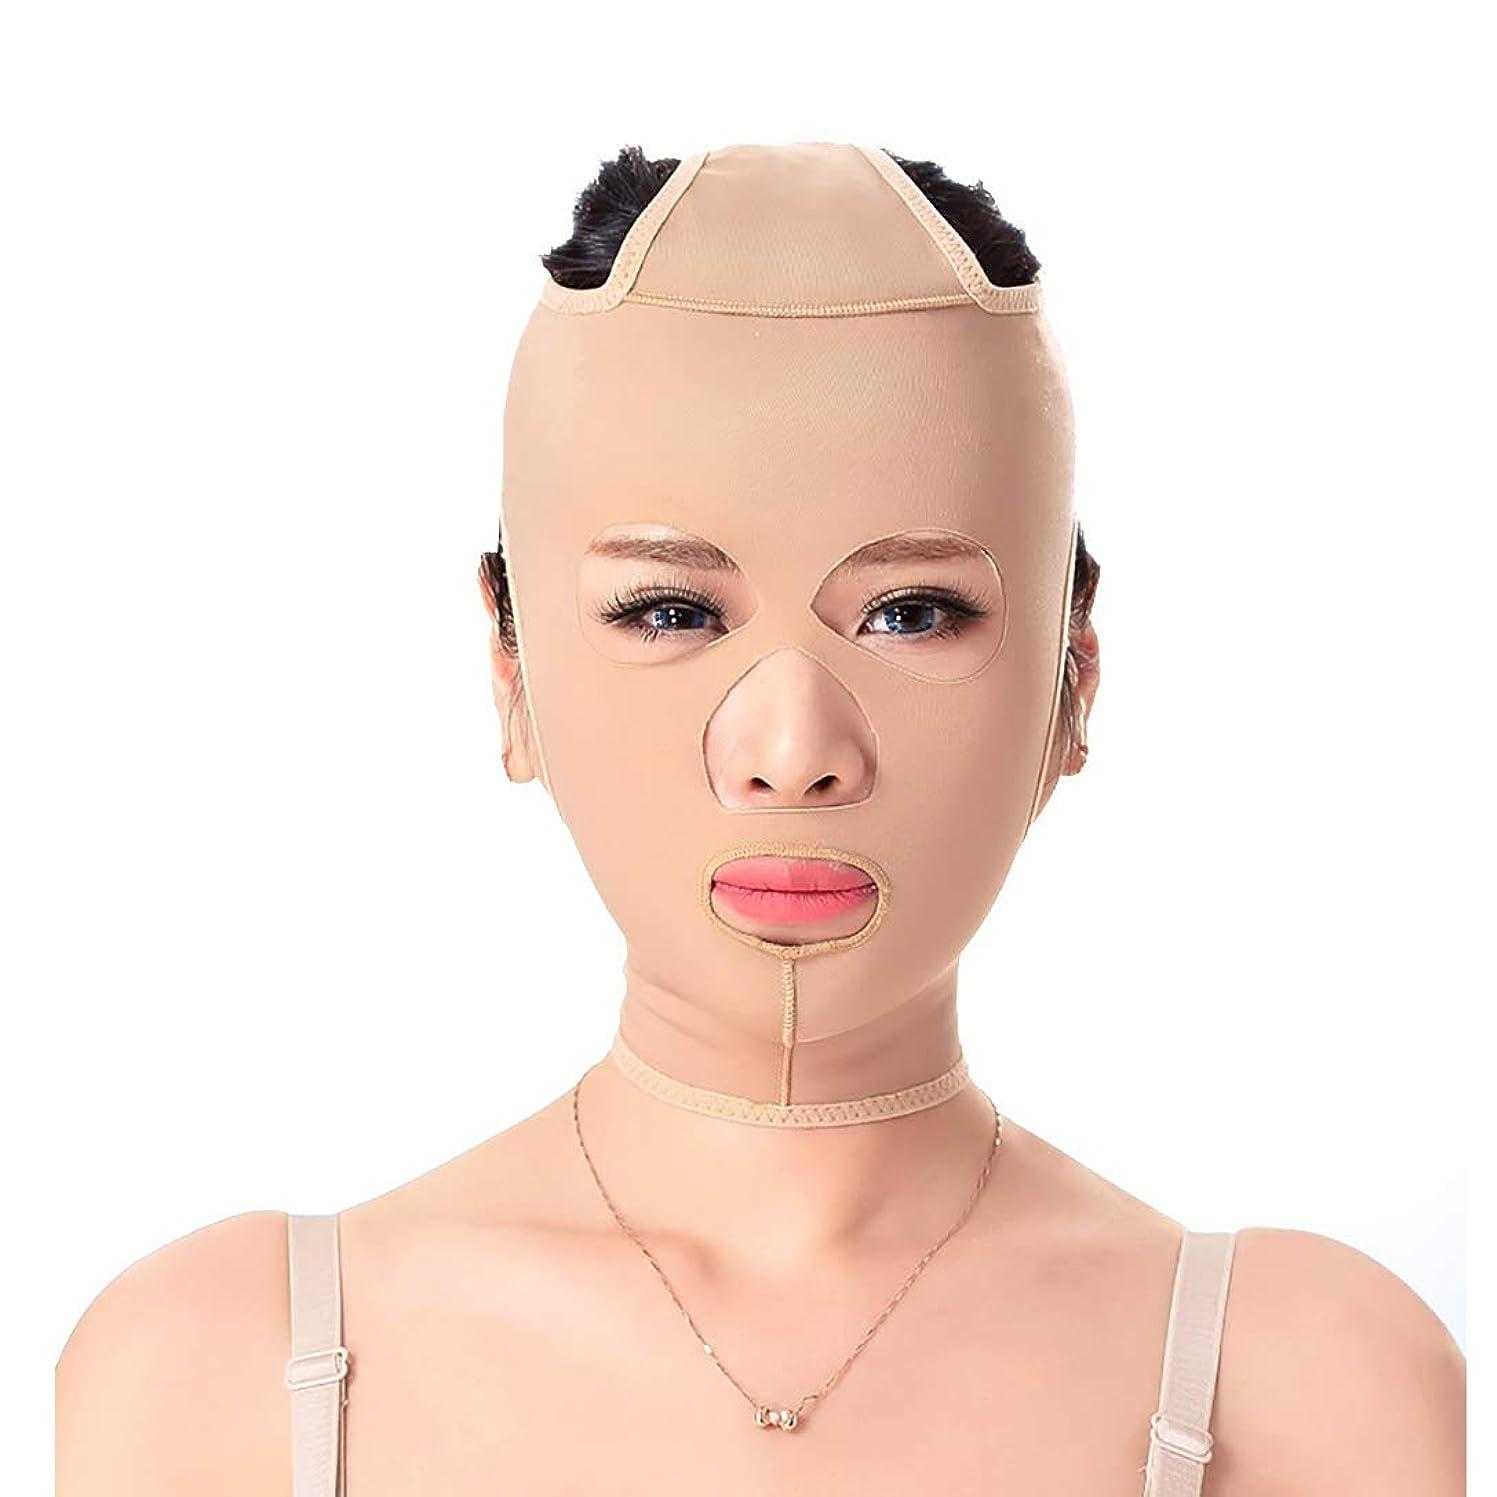 原告弱めるチーフGLJJQMY 減量ベルトマスクフェイスマスクマスクパターン強化二重あご引き締め顔面顔面強力なフェイスリフティング包帯 顔用整形マスク (Size : XXL)